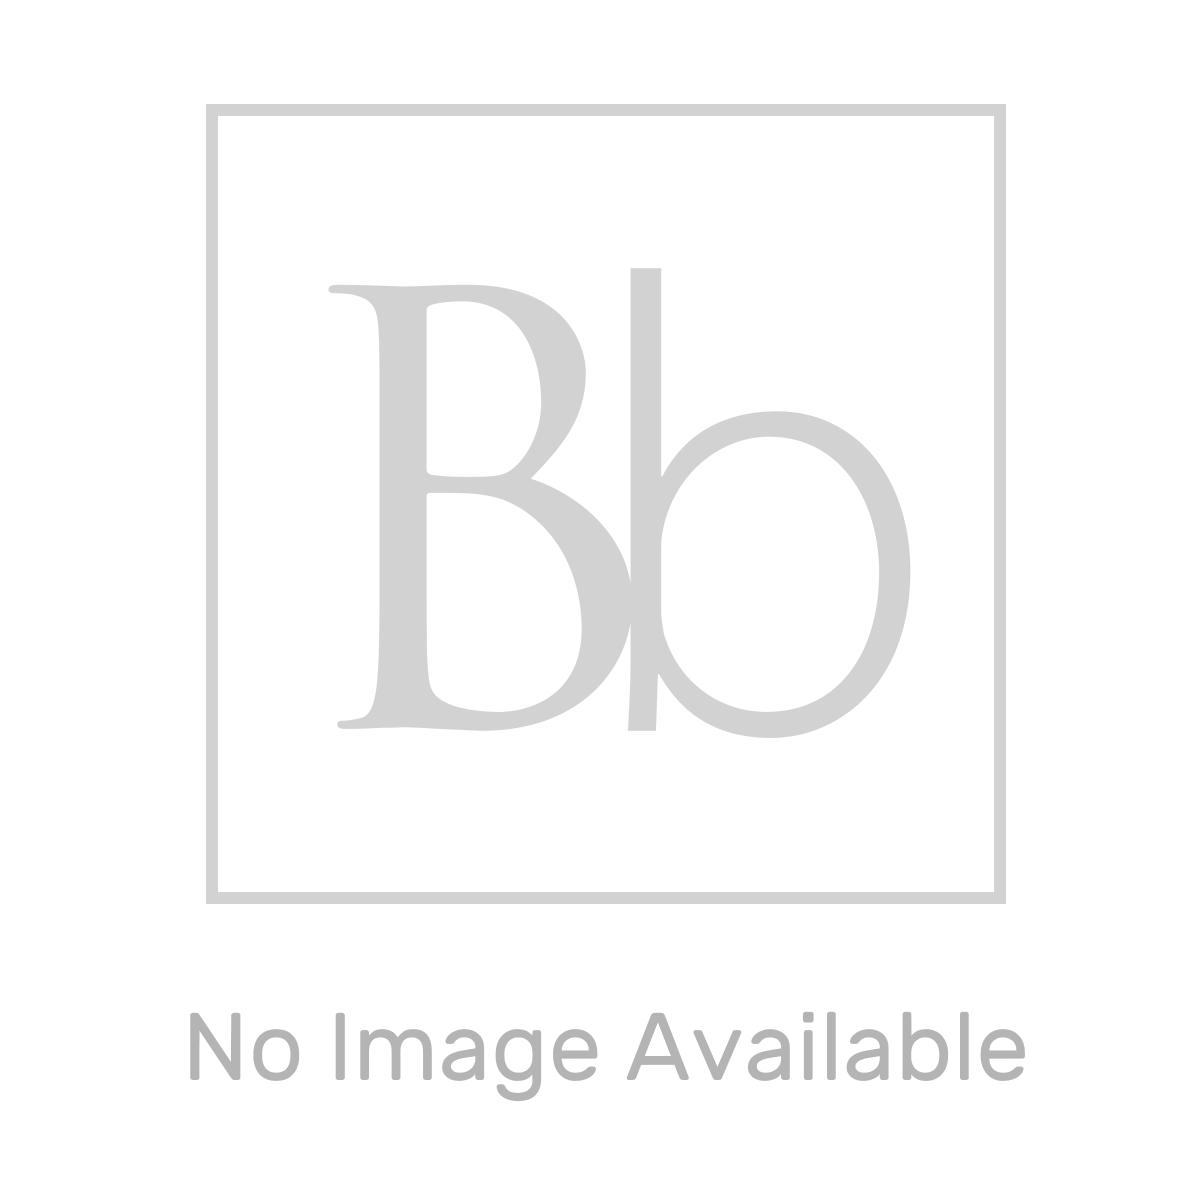 Frontline Chrome Caprice Cascading Bath Filler Spout